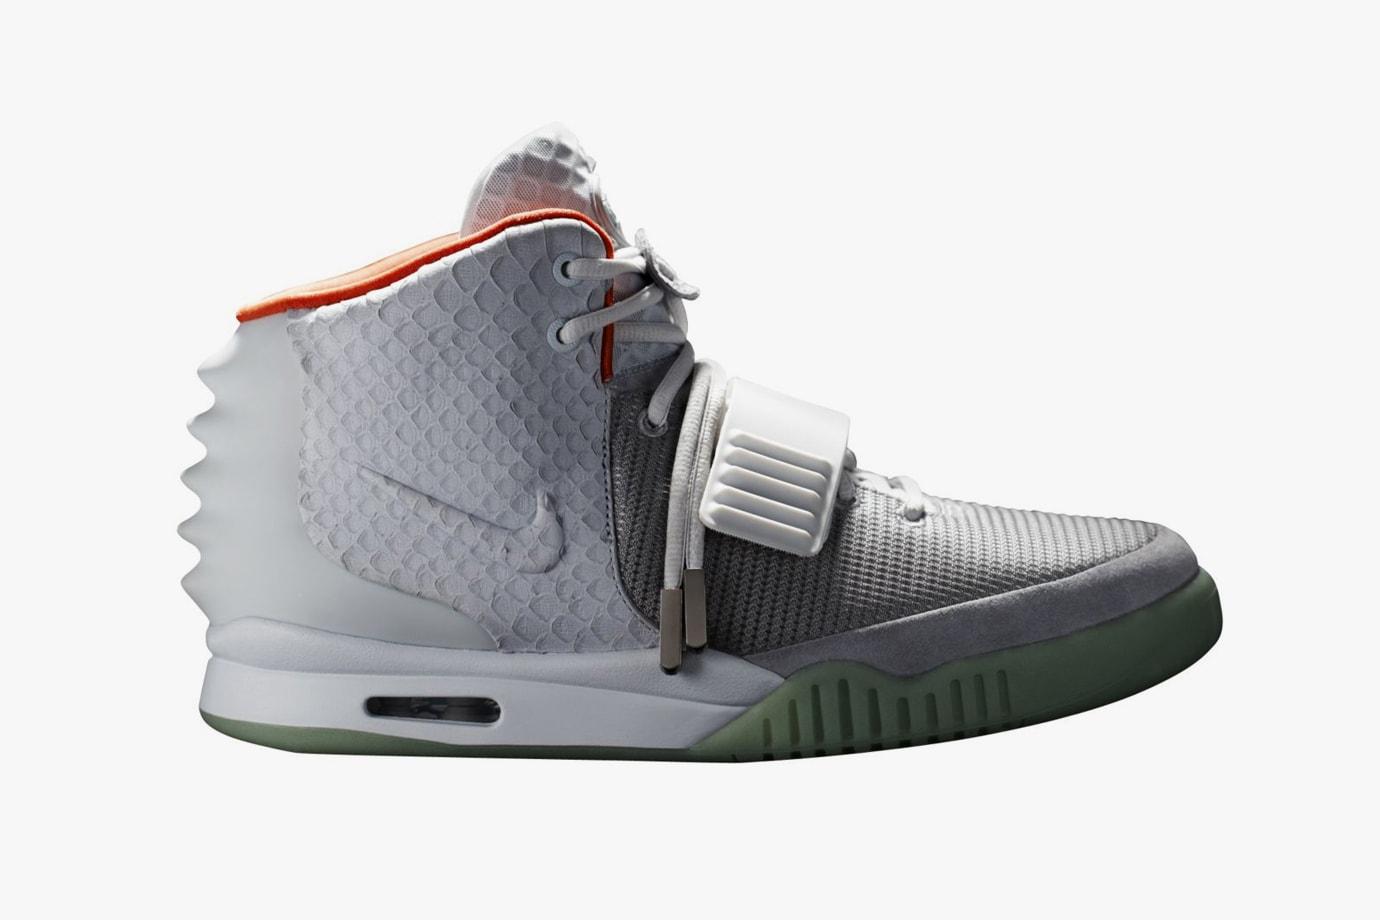 72ff7851e9b6 Kanye West Footwear History Timeline